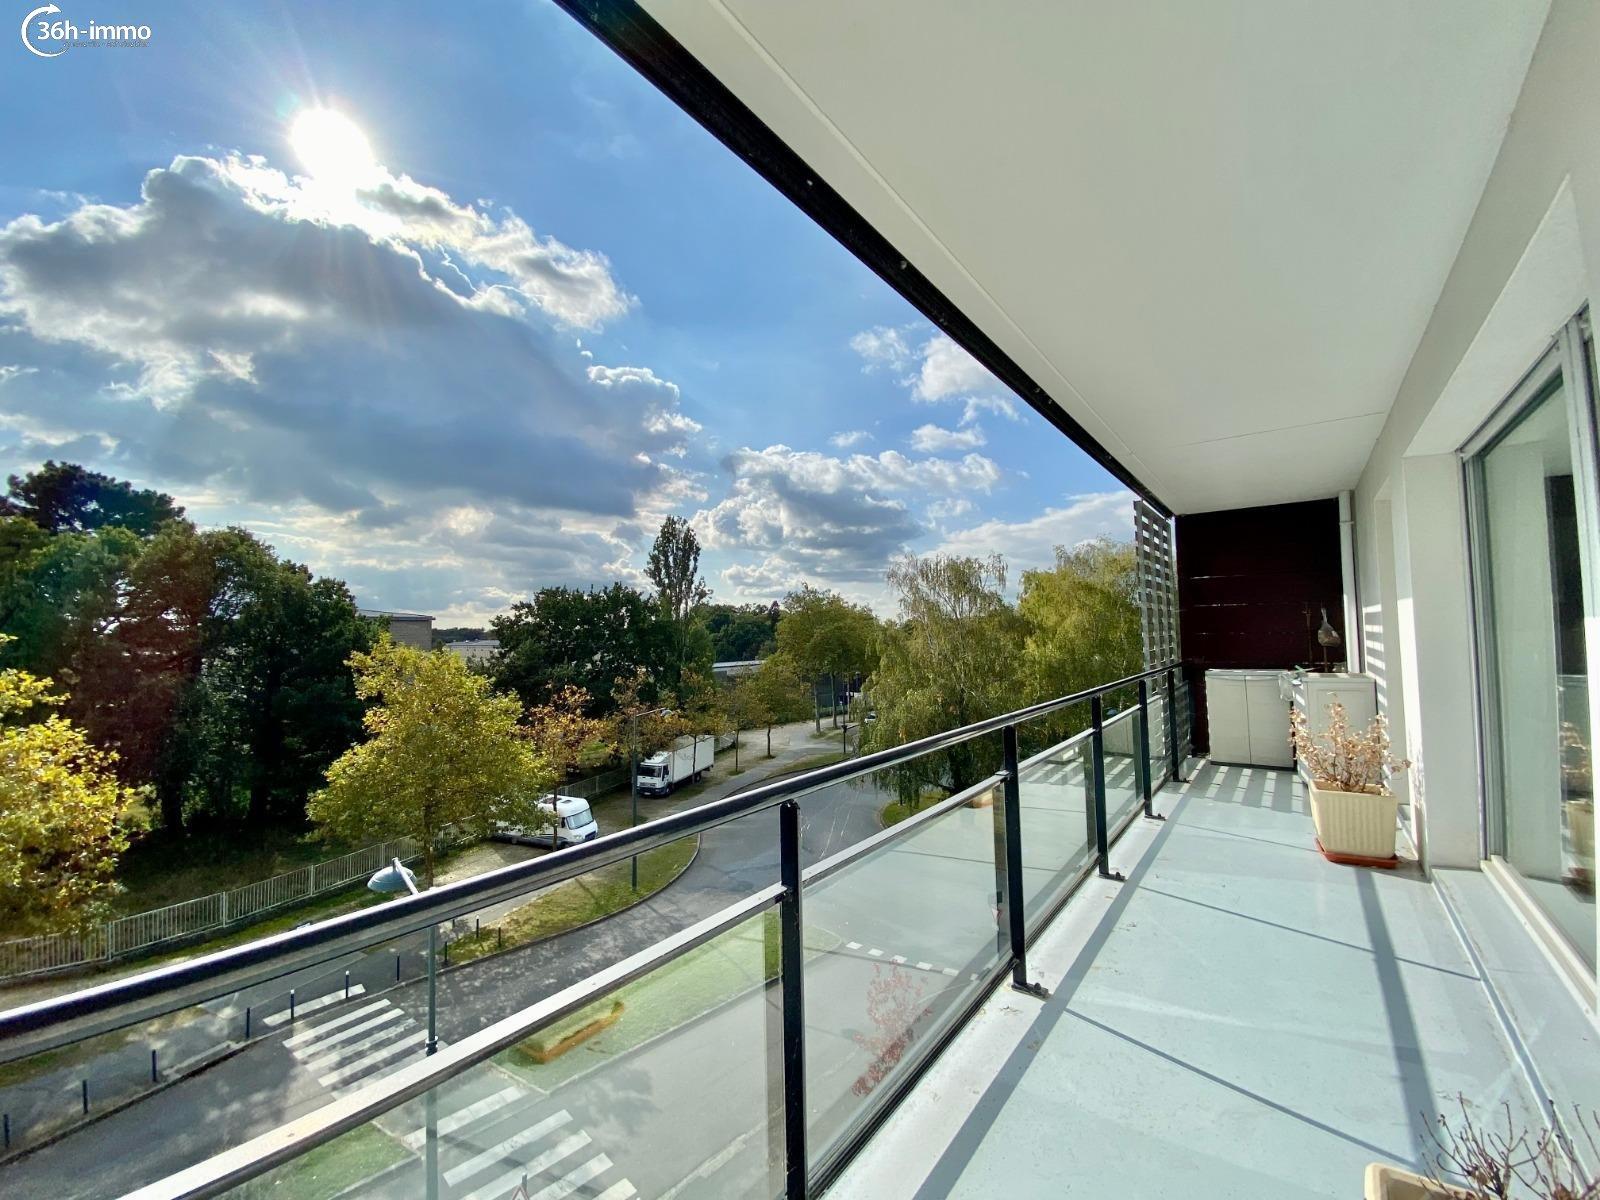 Appartement Rennes 35000 Ille-et-Vilaine 96 m<sup>2</sup> 4 pièces 281340 euros